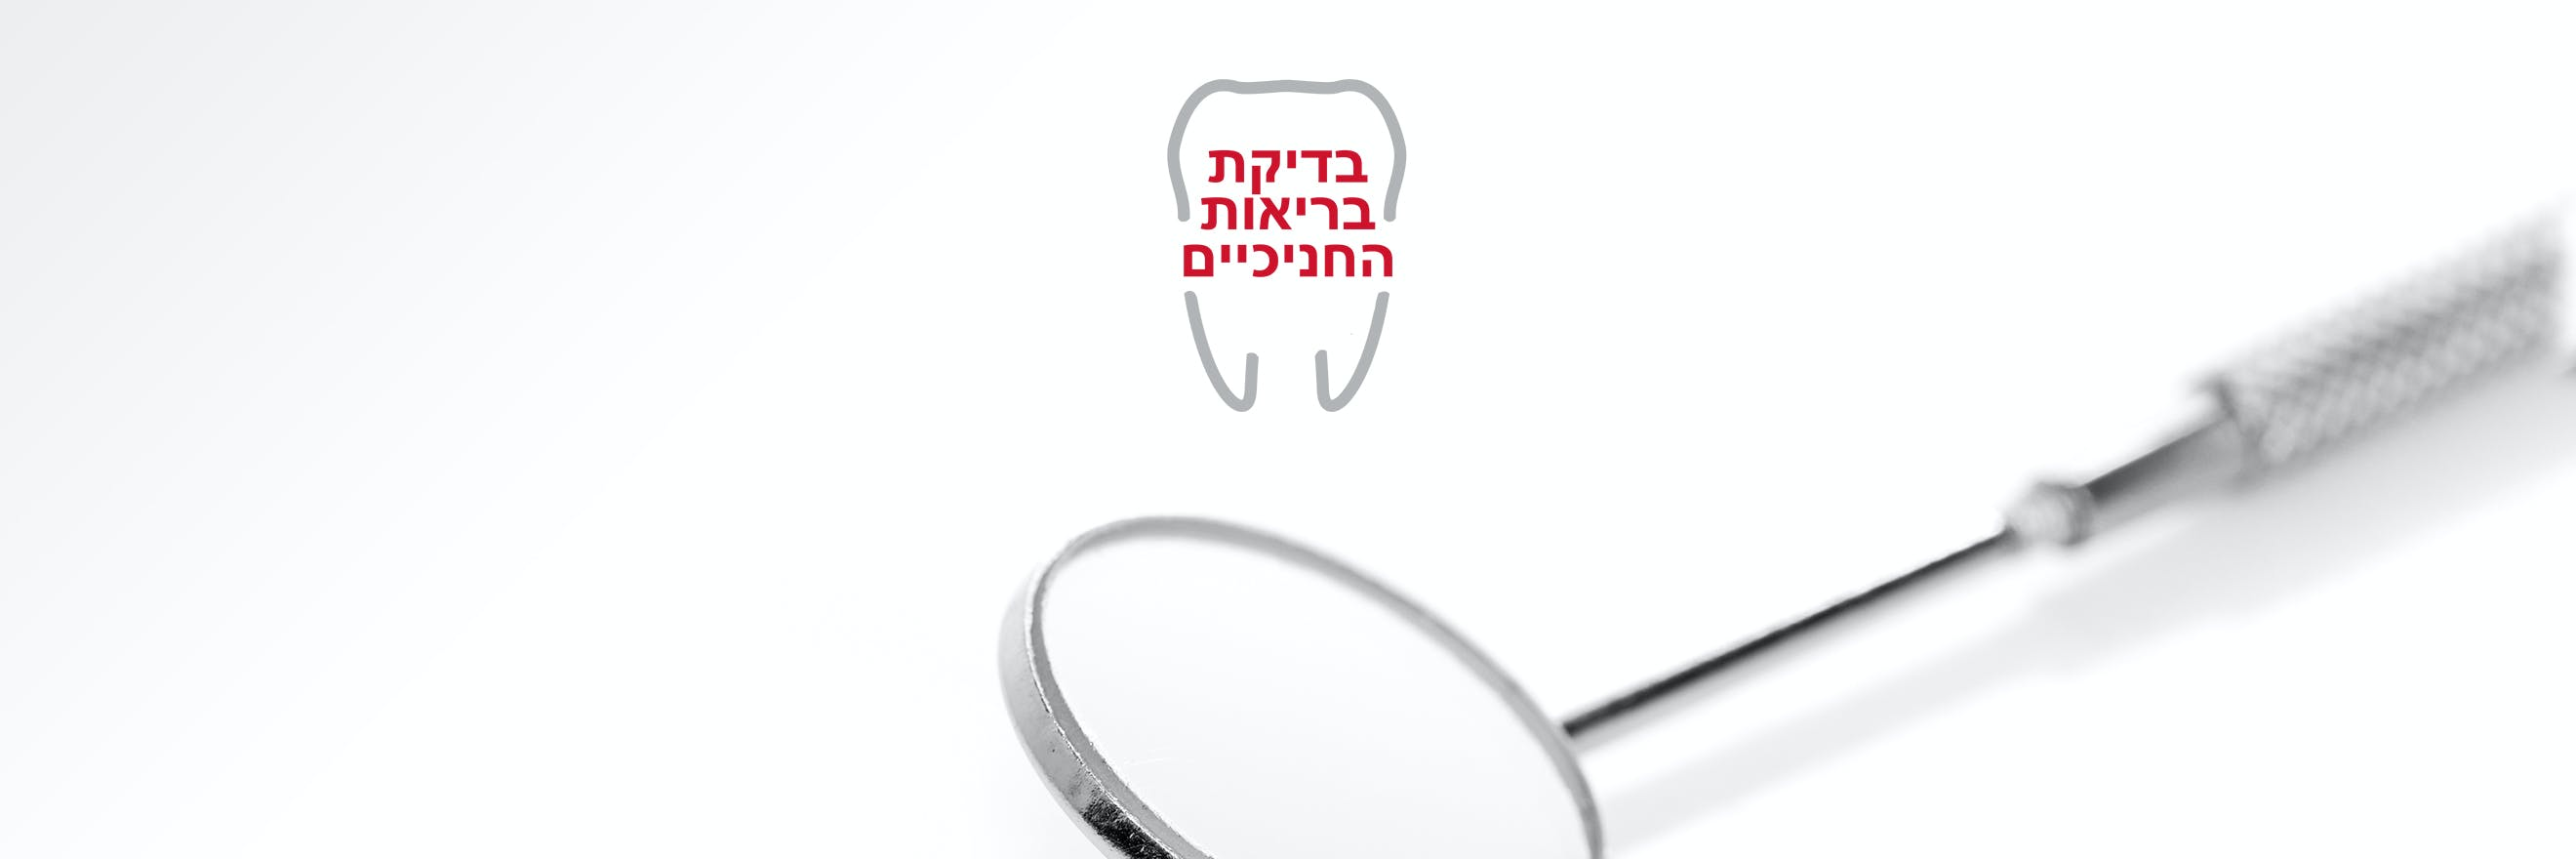 מראה של רופא שיניים